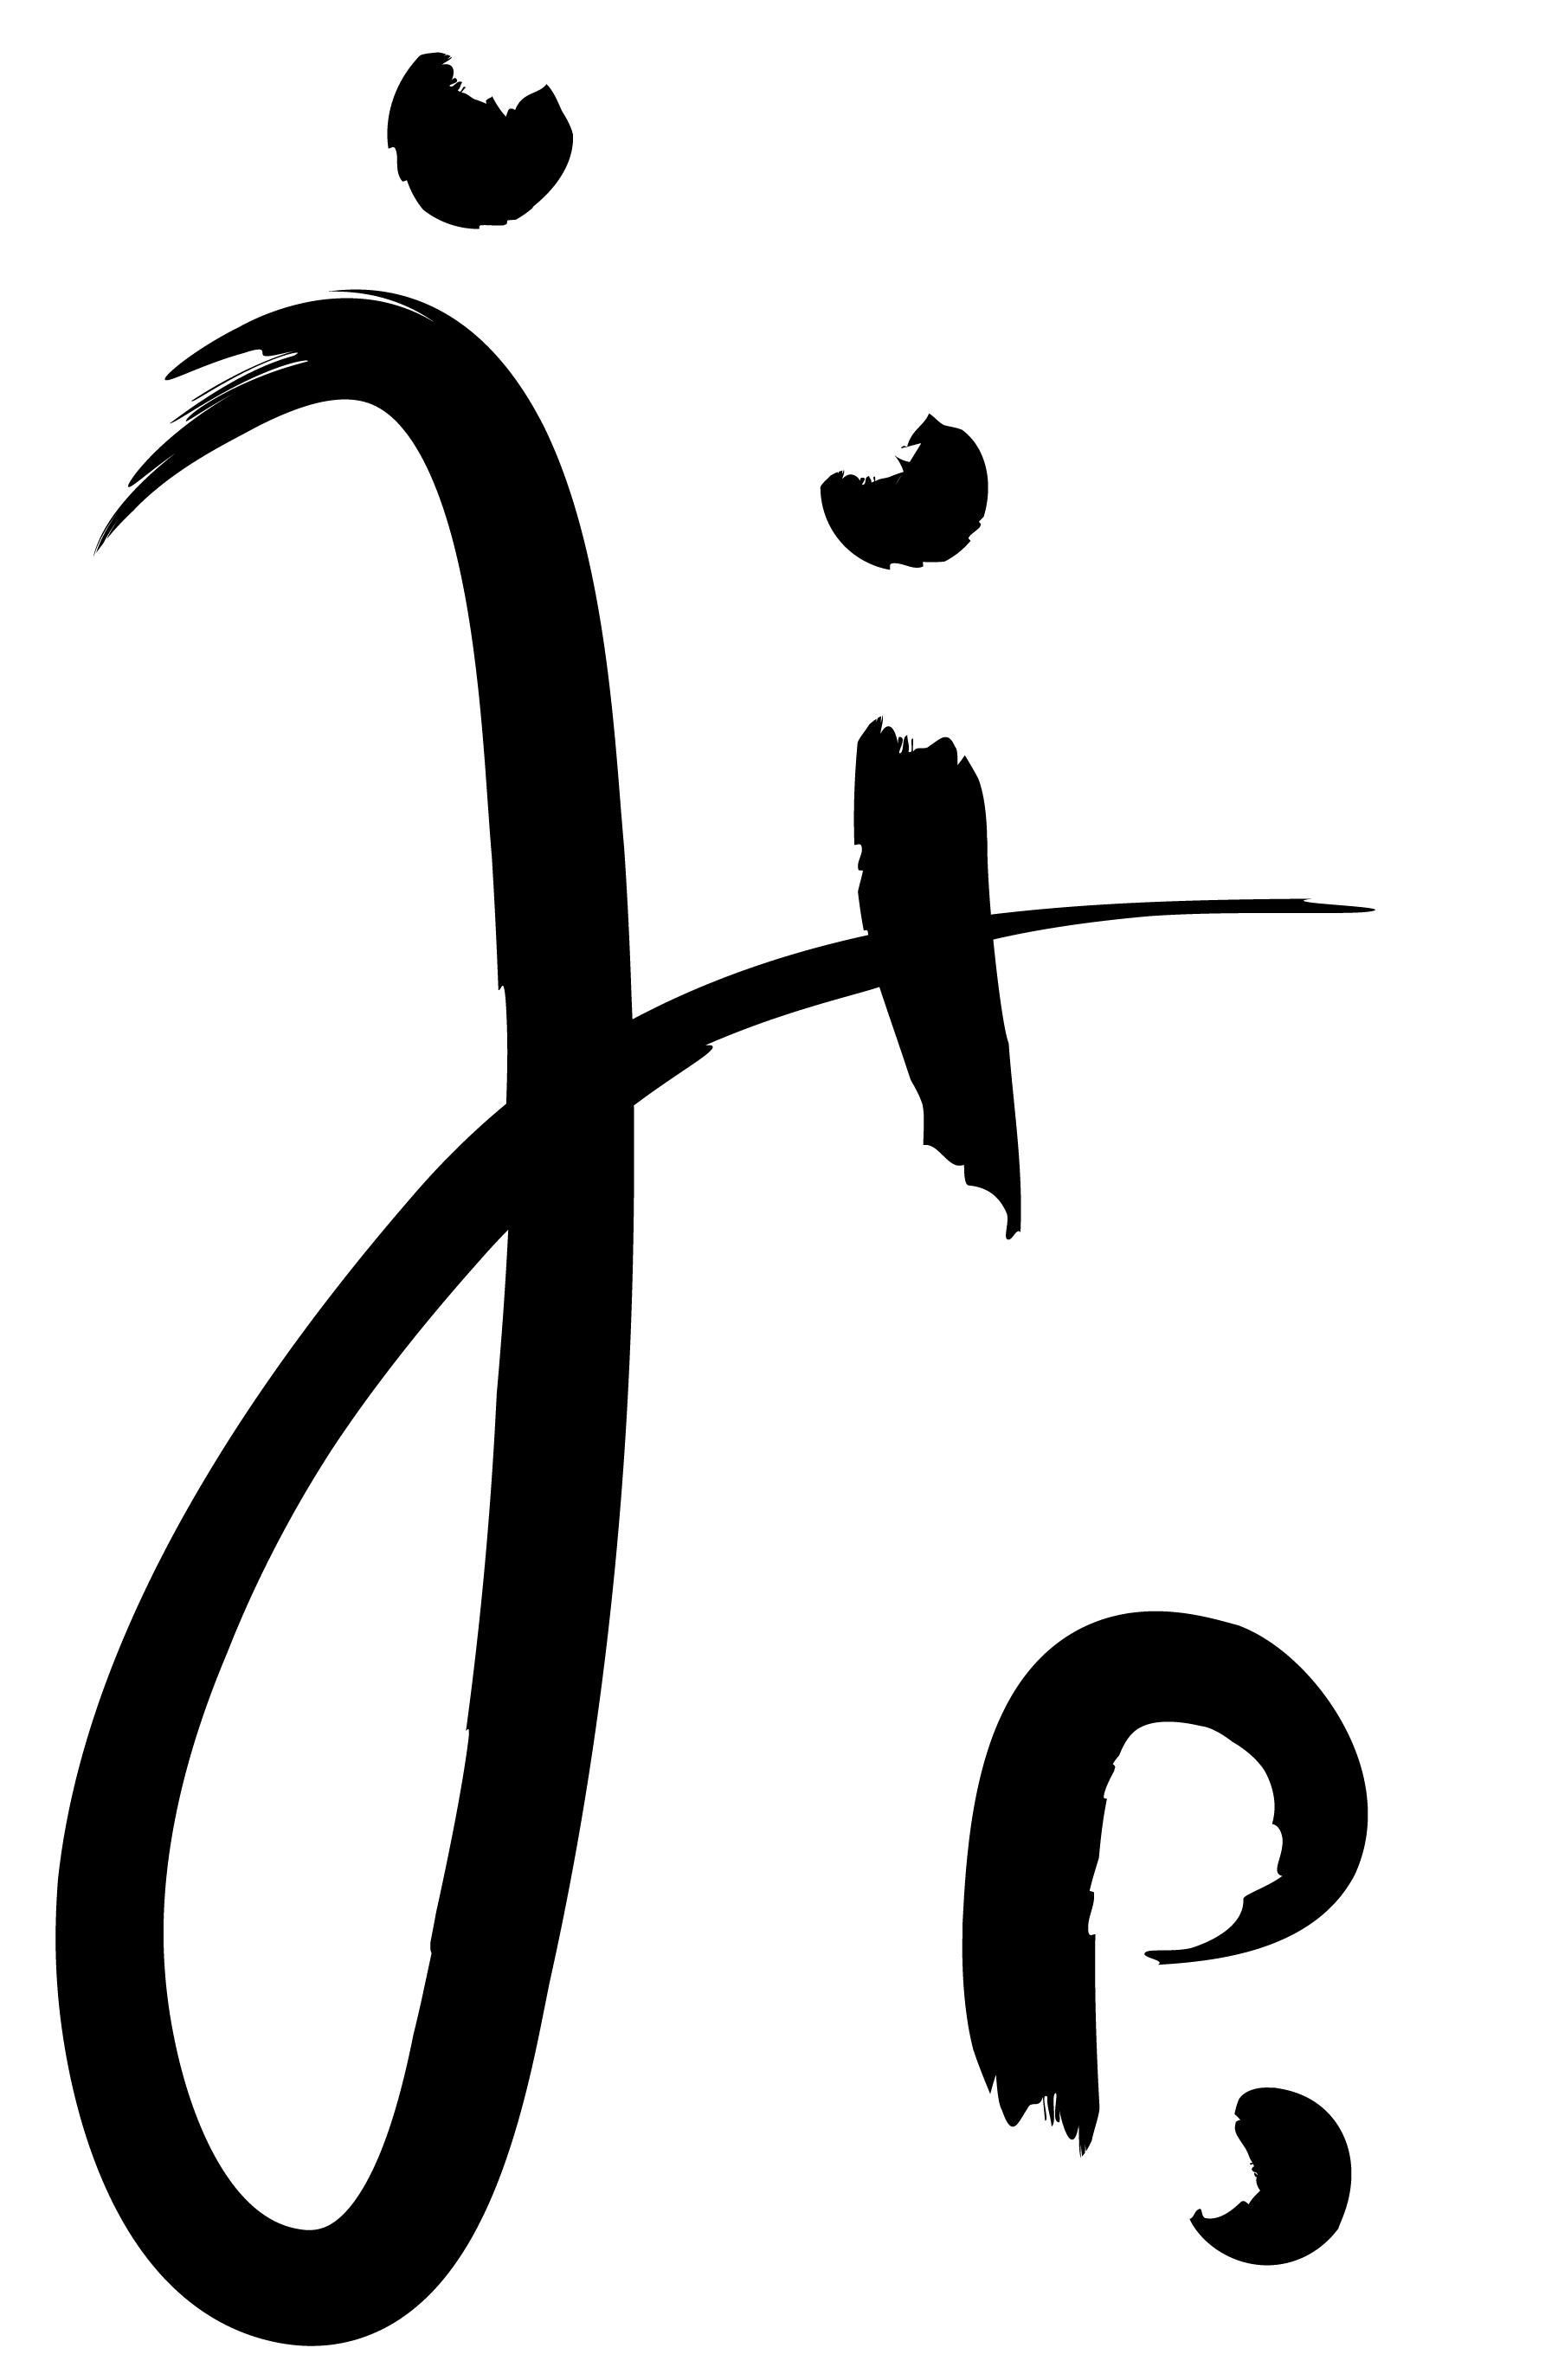 miji-p